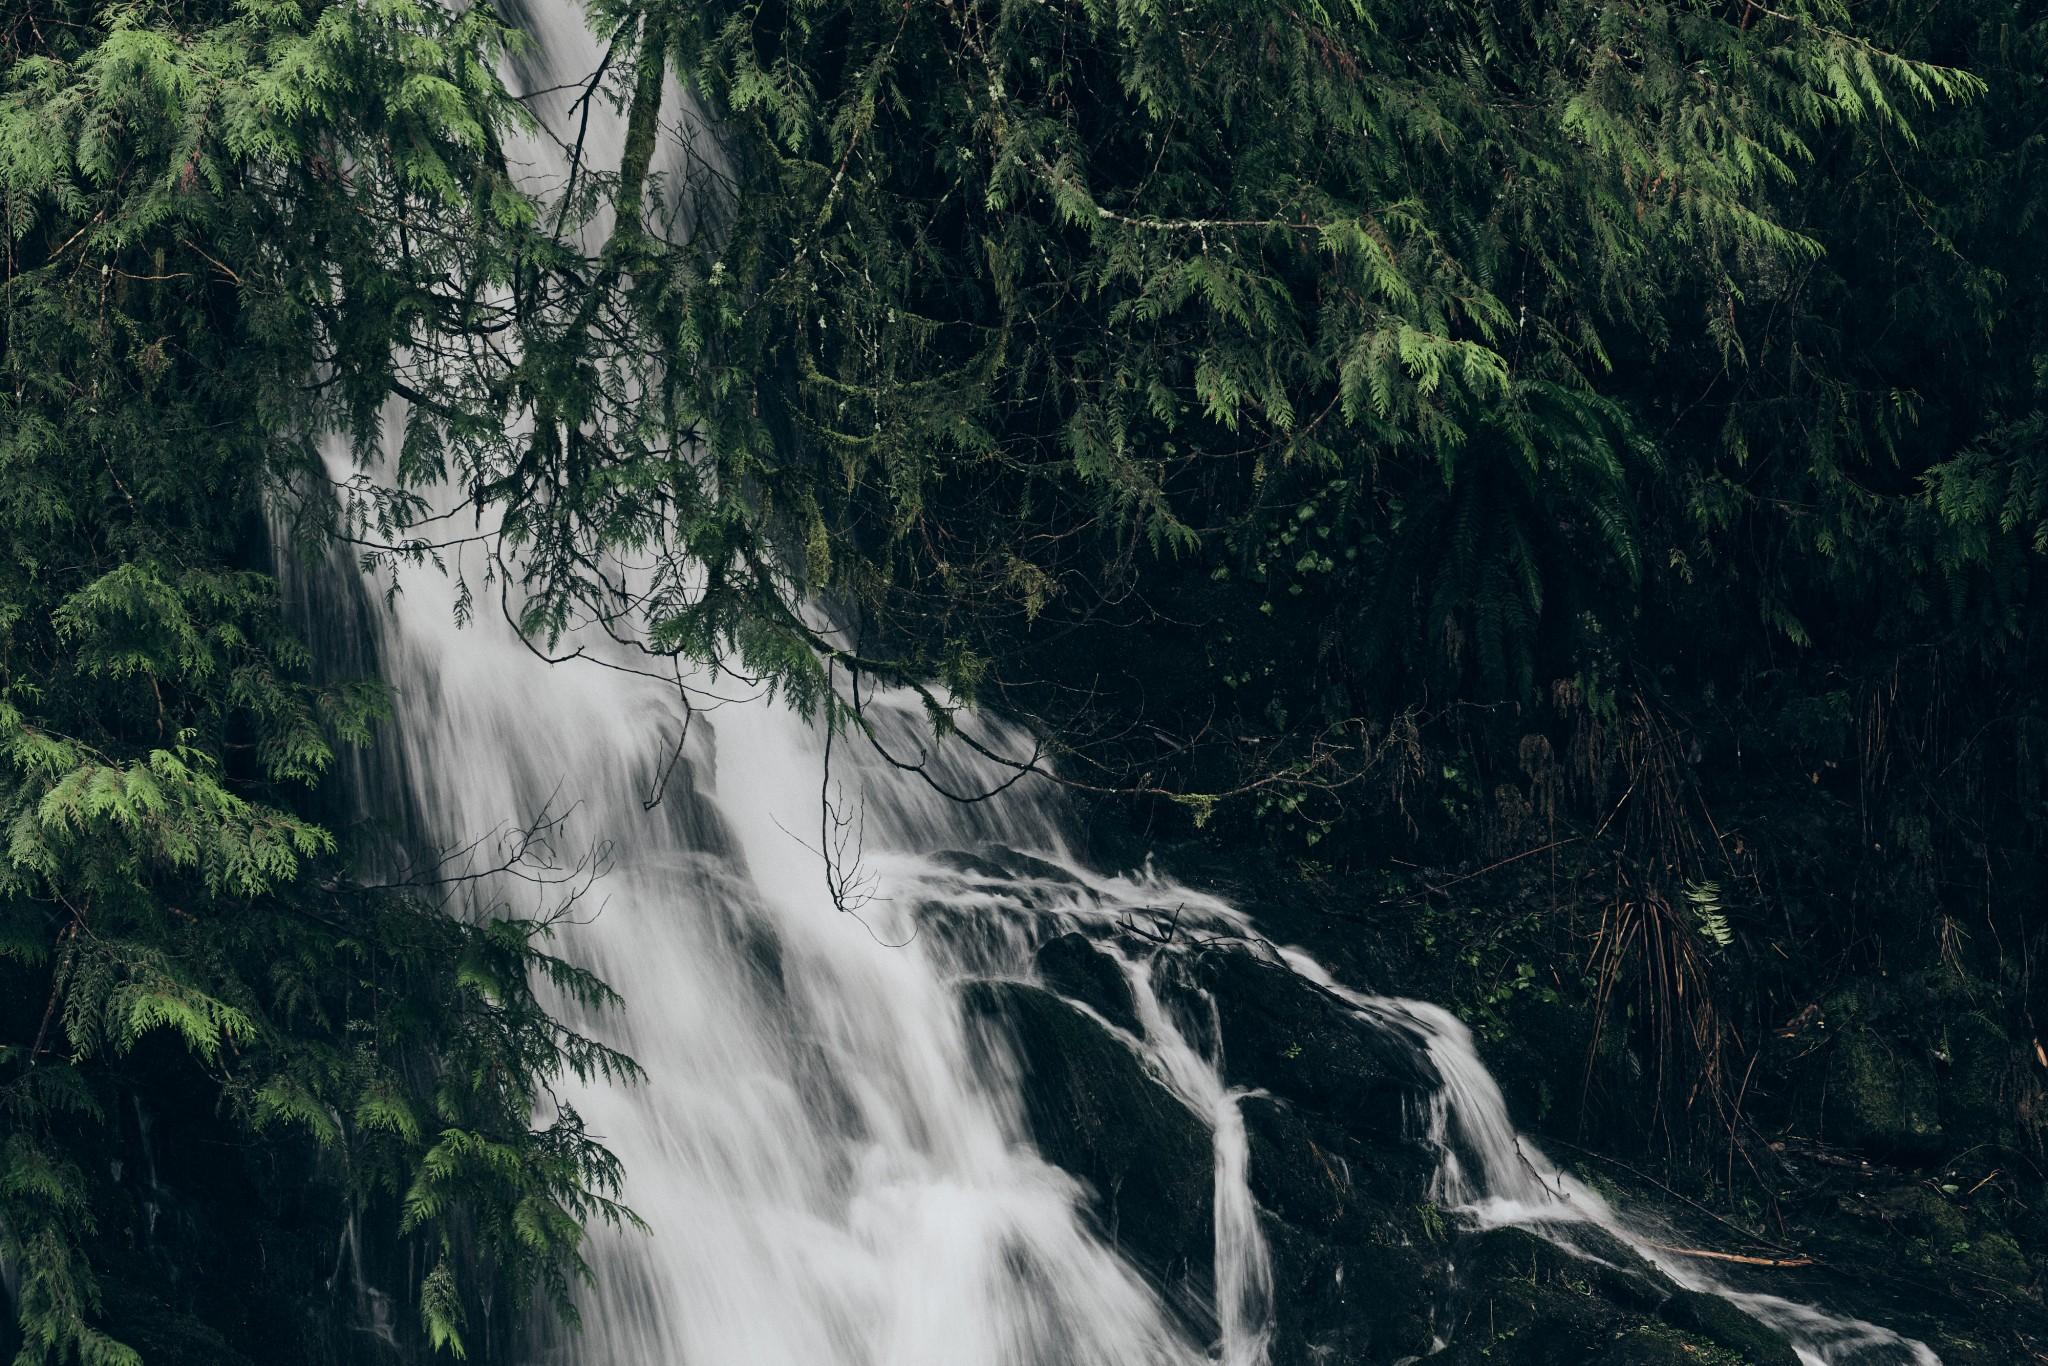 00-Unnamed-Falls.jpg